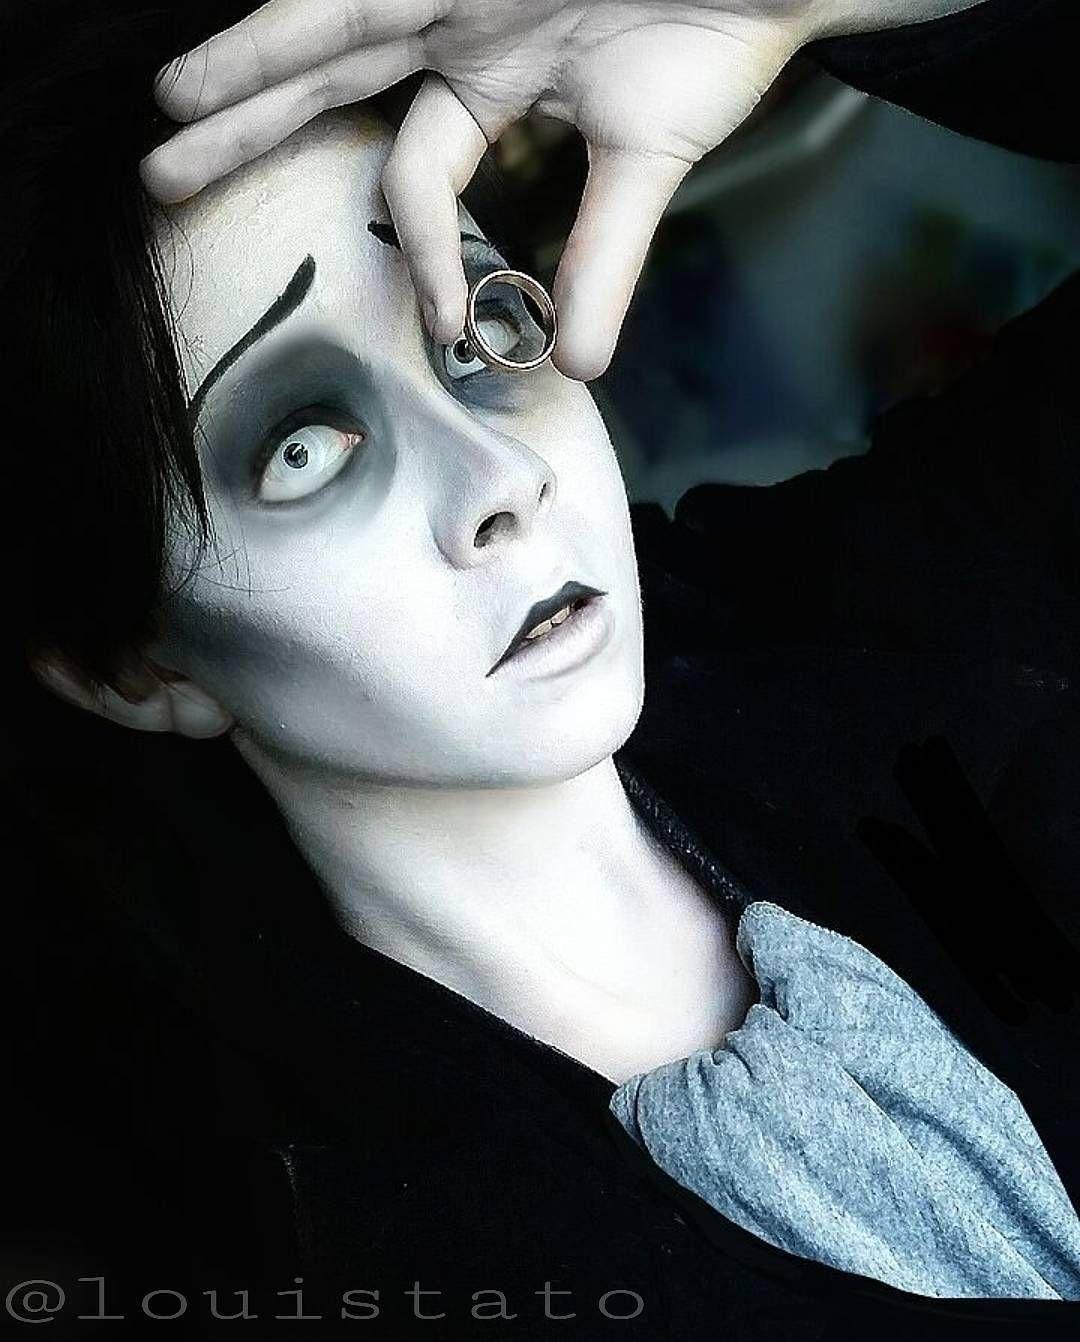 Mixxedmonster On Instagra Maquiagem Artistica Cosplays